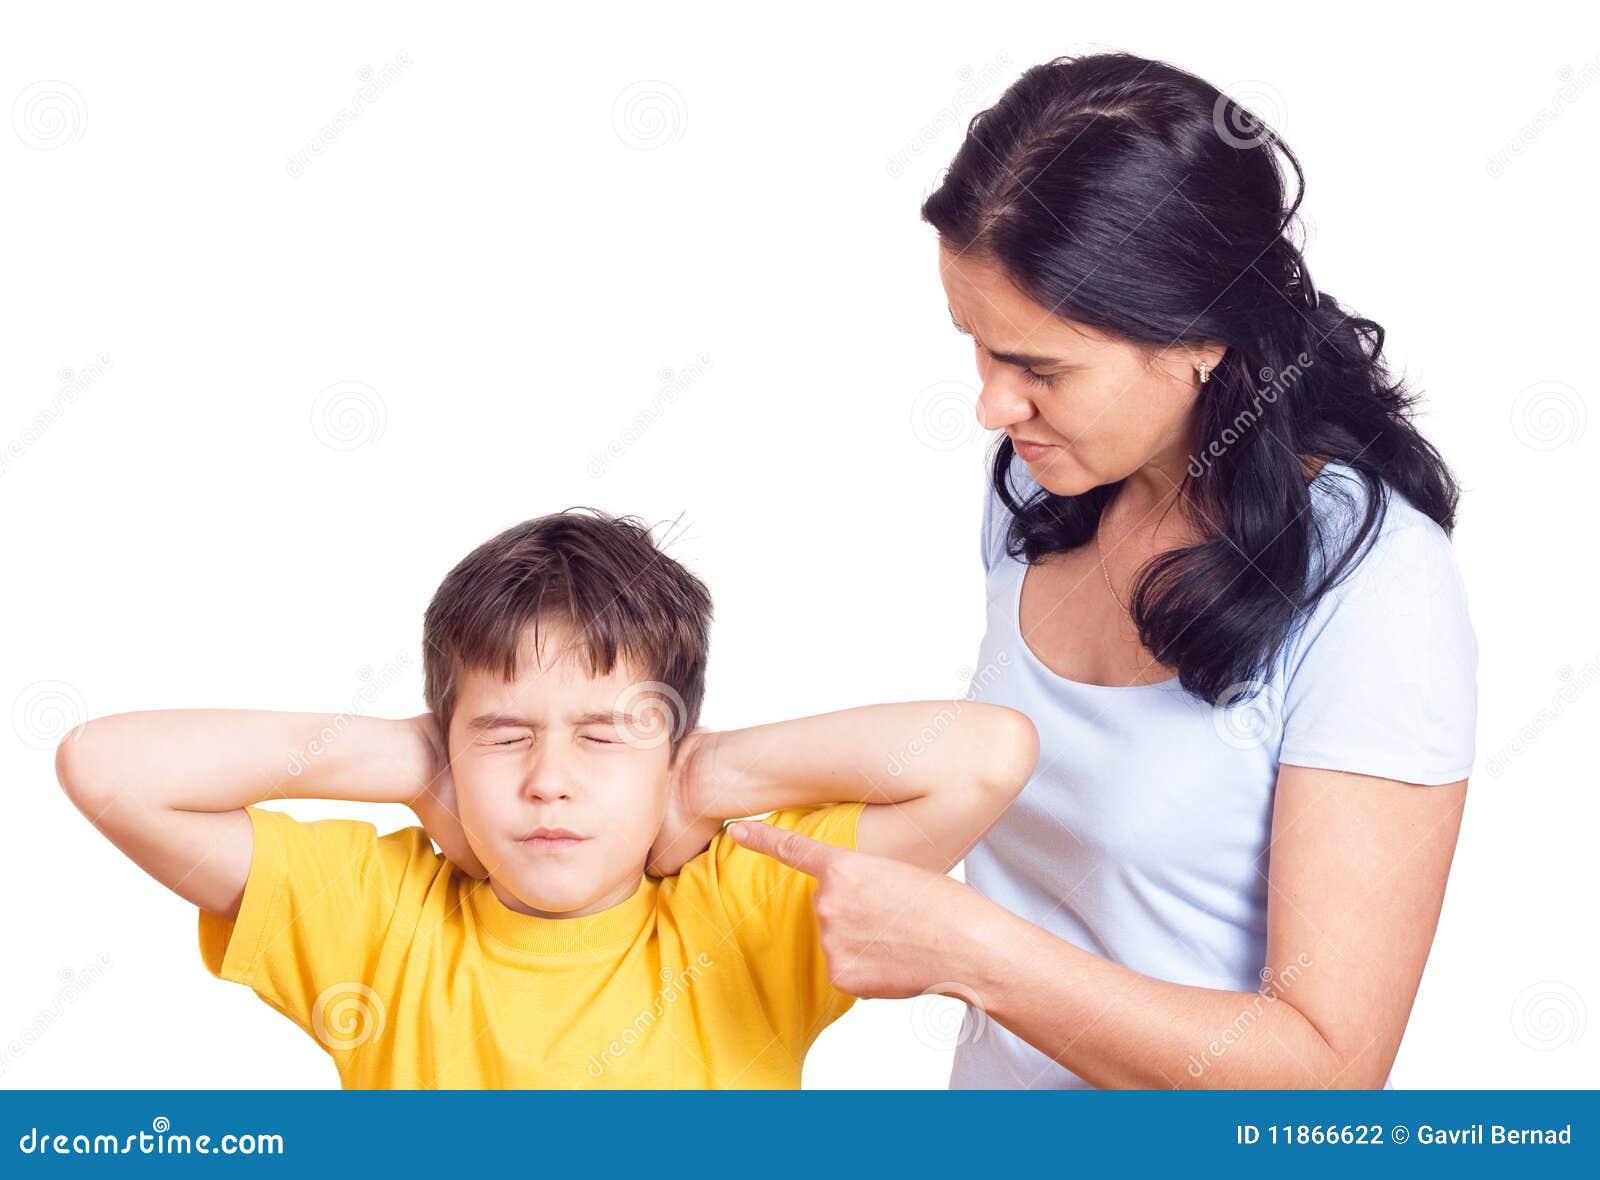 Сын пробует свою мать 8 фотография